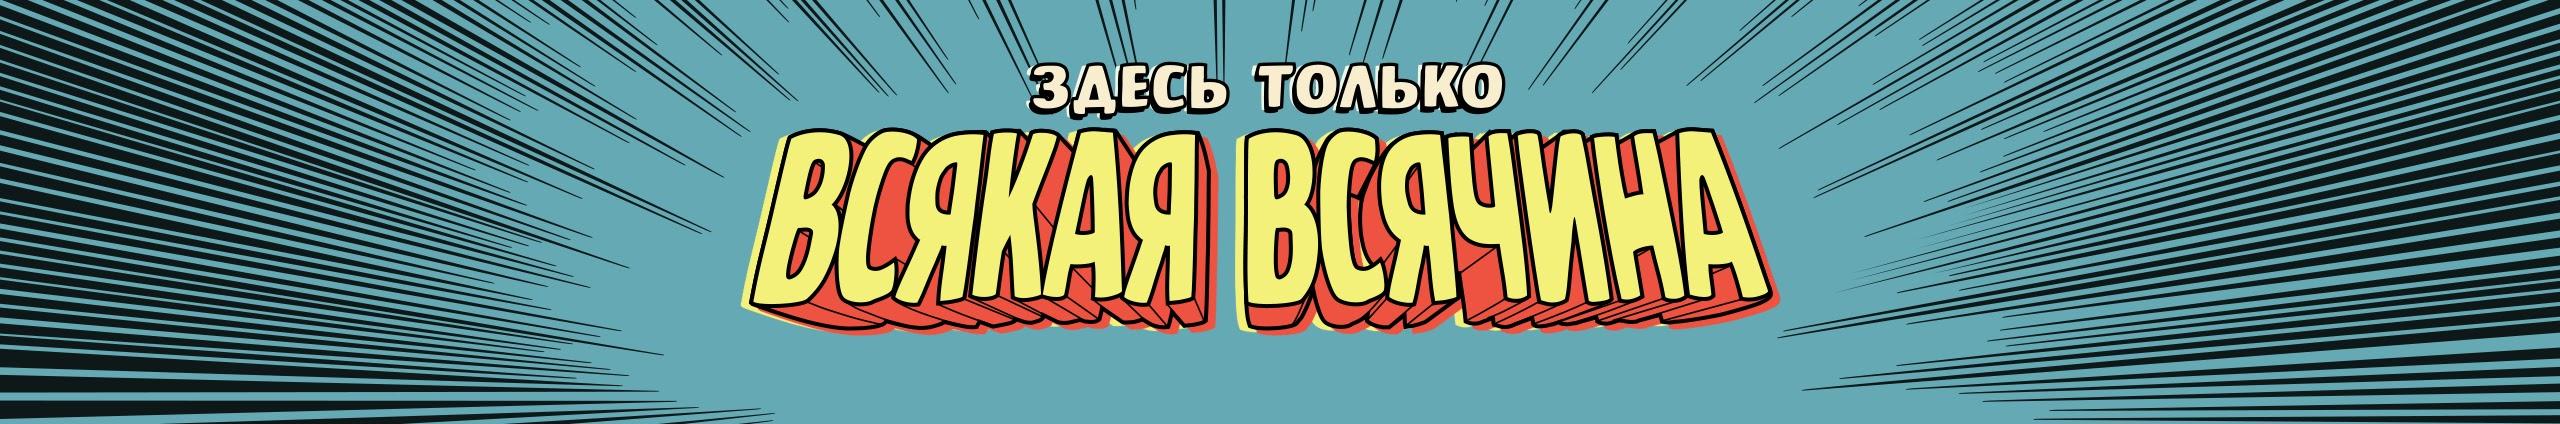 Картинка с надписью всякая всячина, открытки года открытки